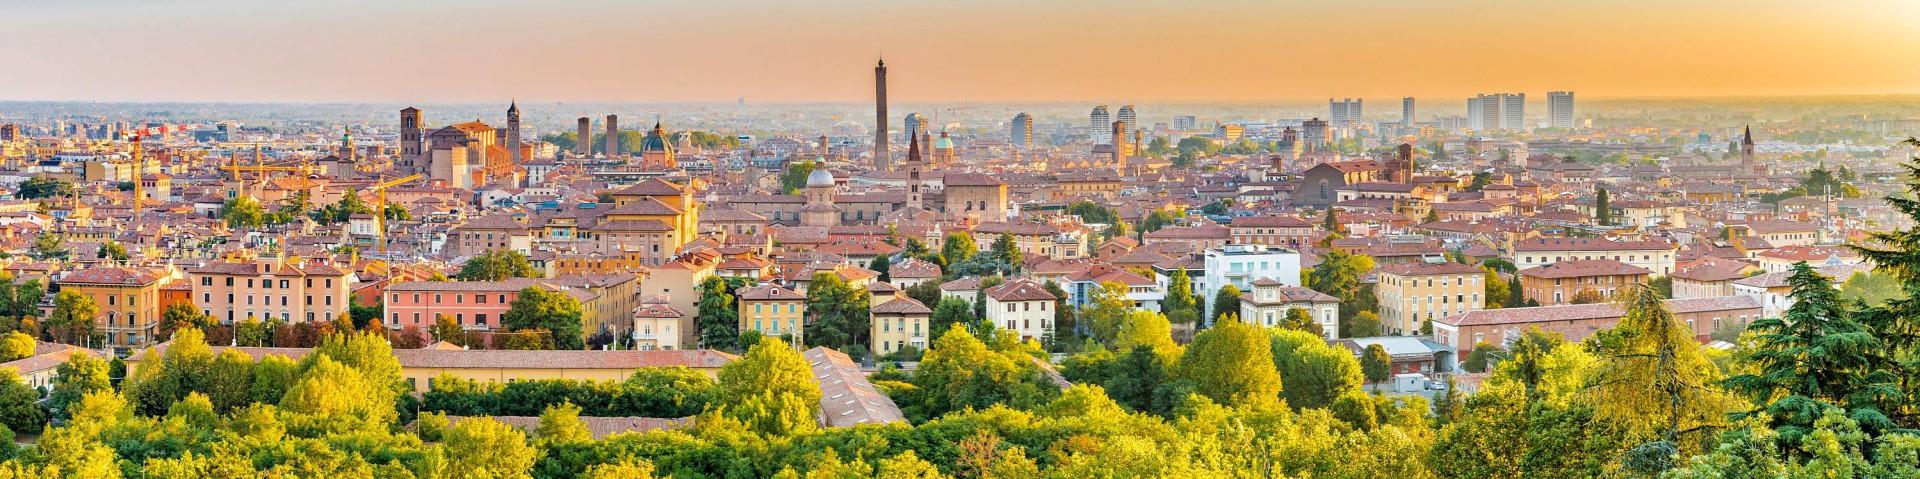 Bologna při západu slunce